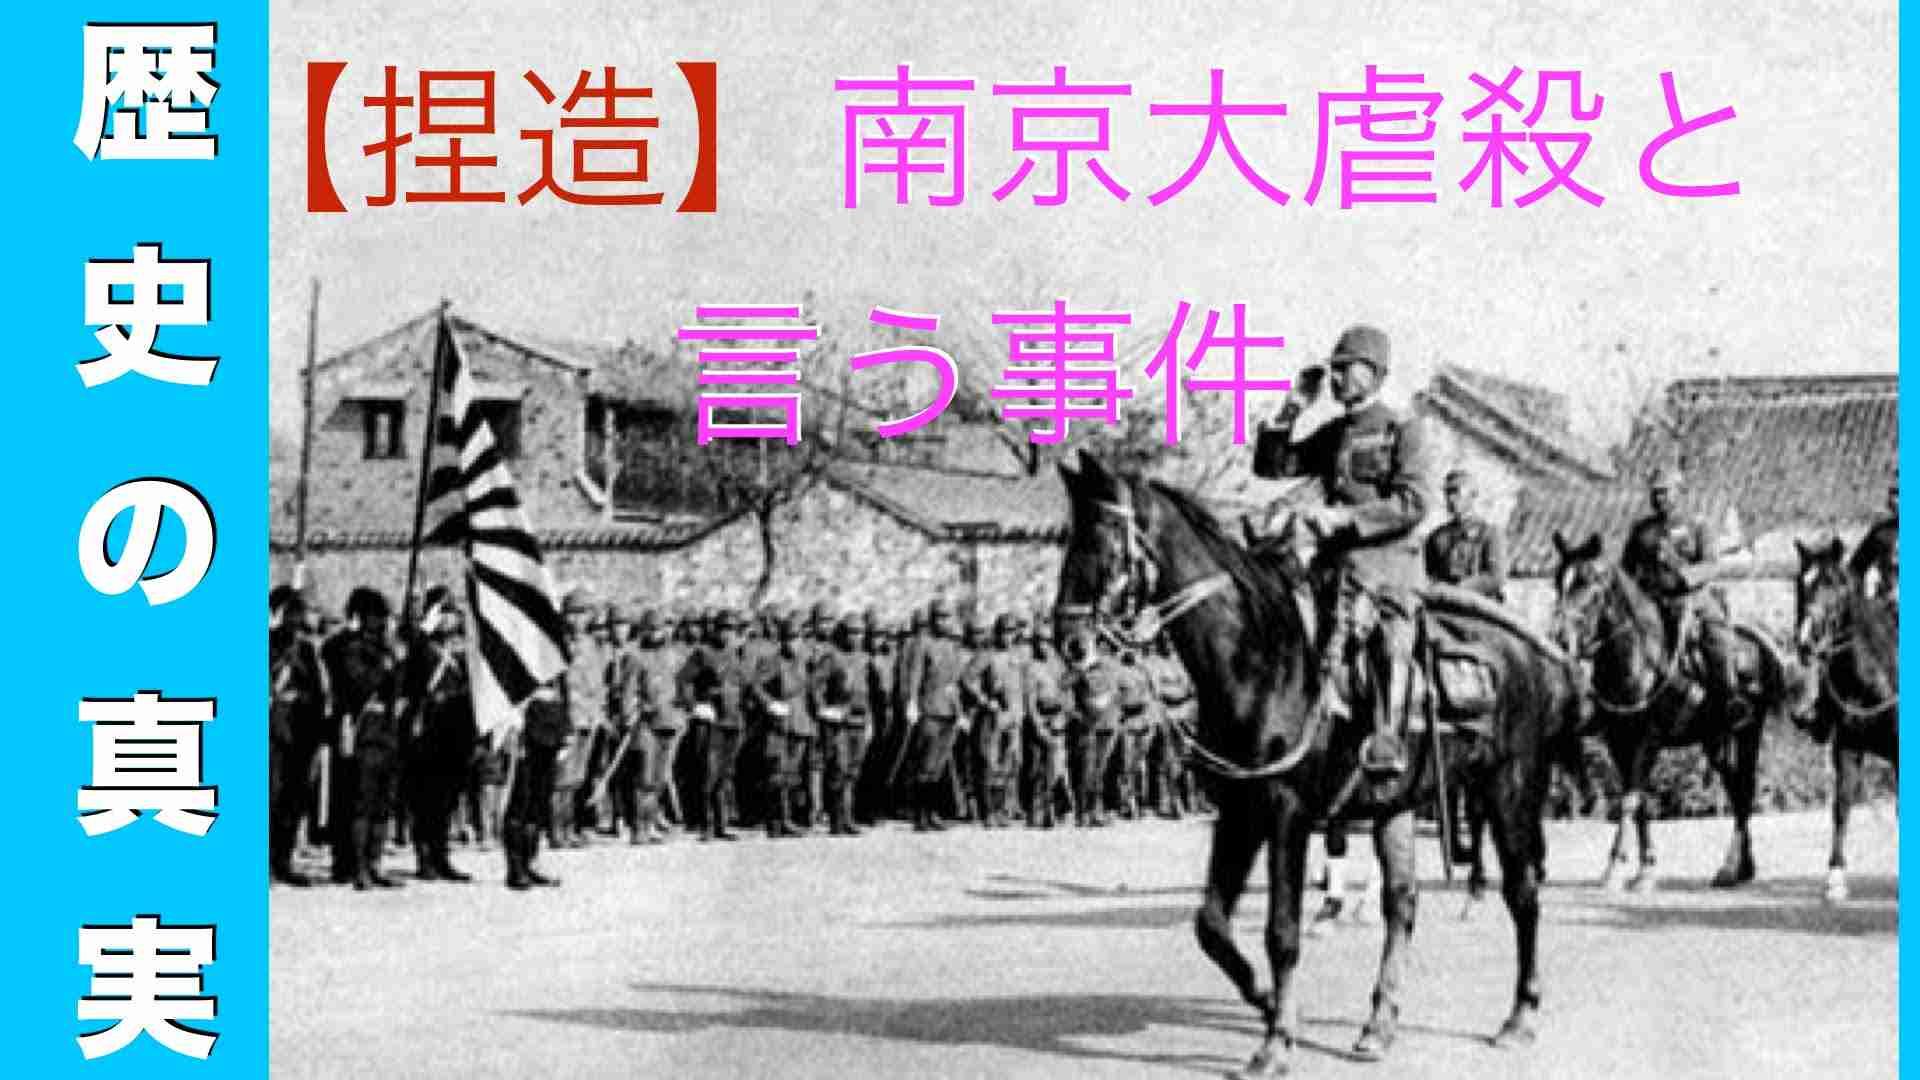 【歴史の真実】「南京大虐殺は自分たちがやった」と告白した国民党少尉 - YouTube